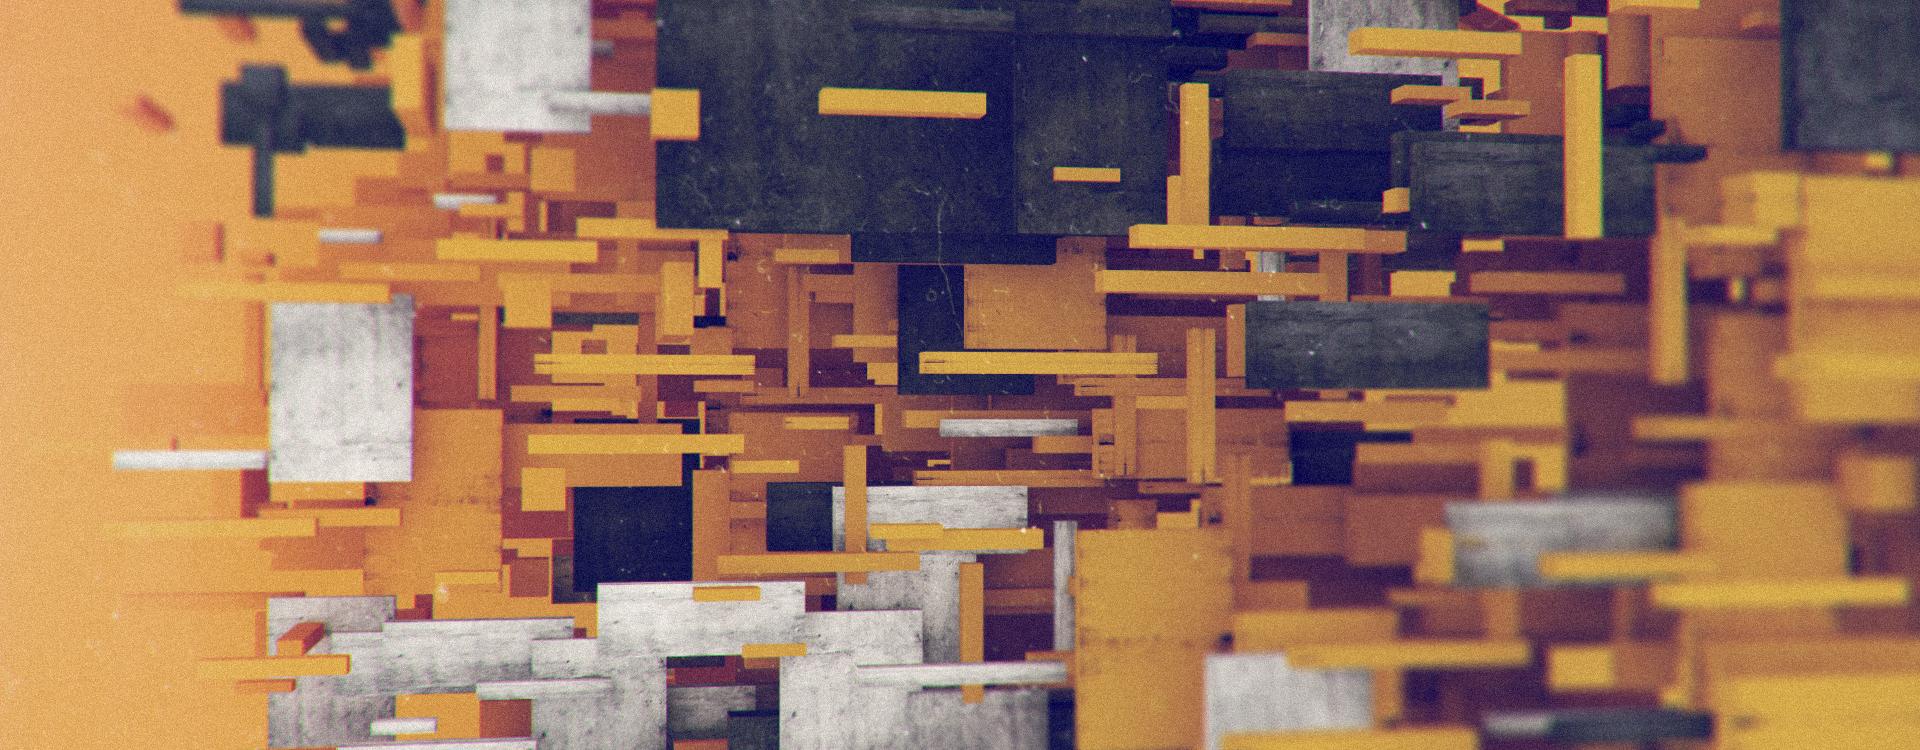 DFALT_02_01_02a01_images_c4d_alchemist.jpg